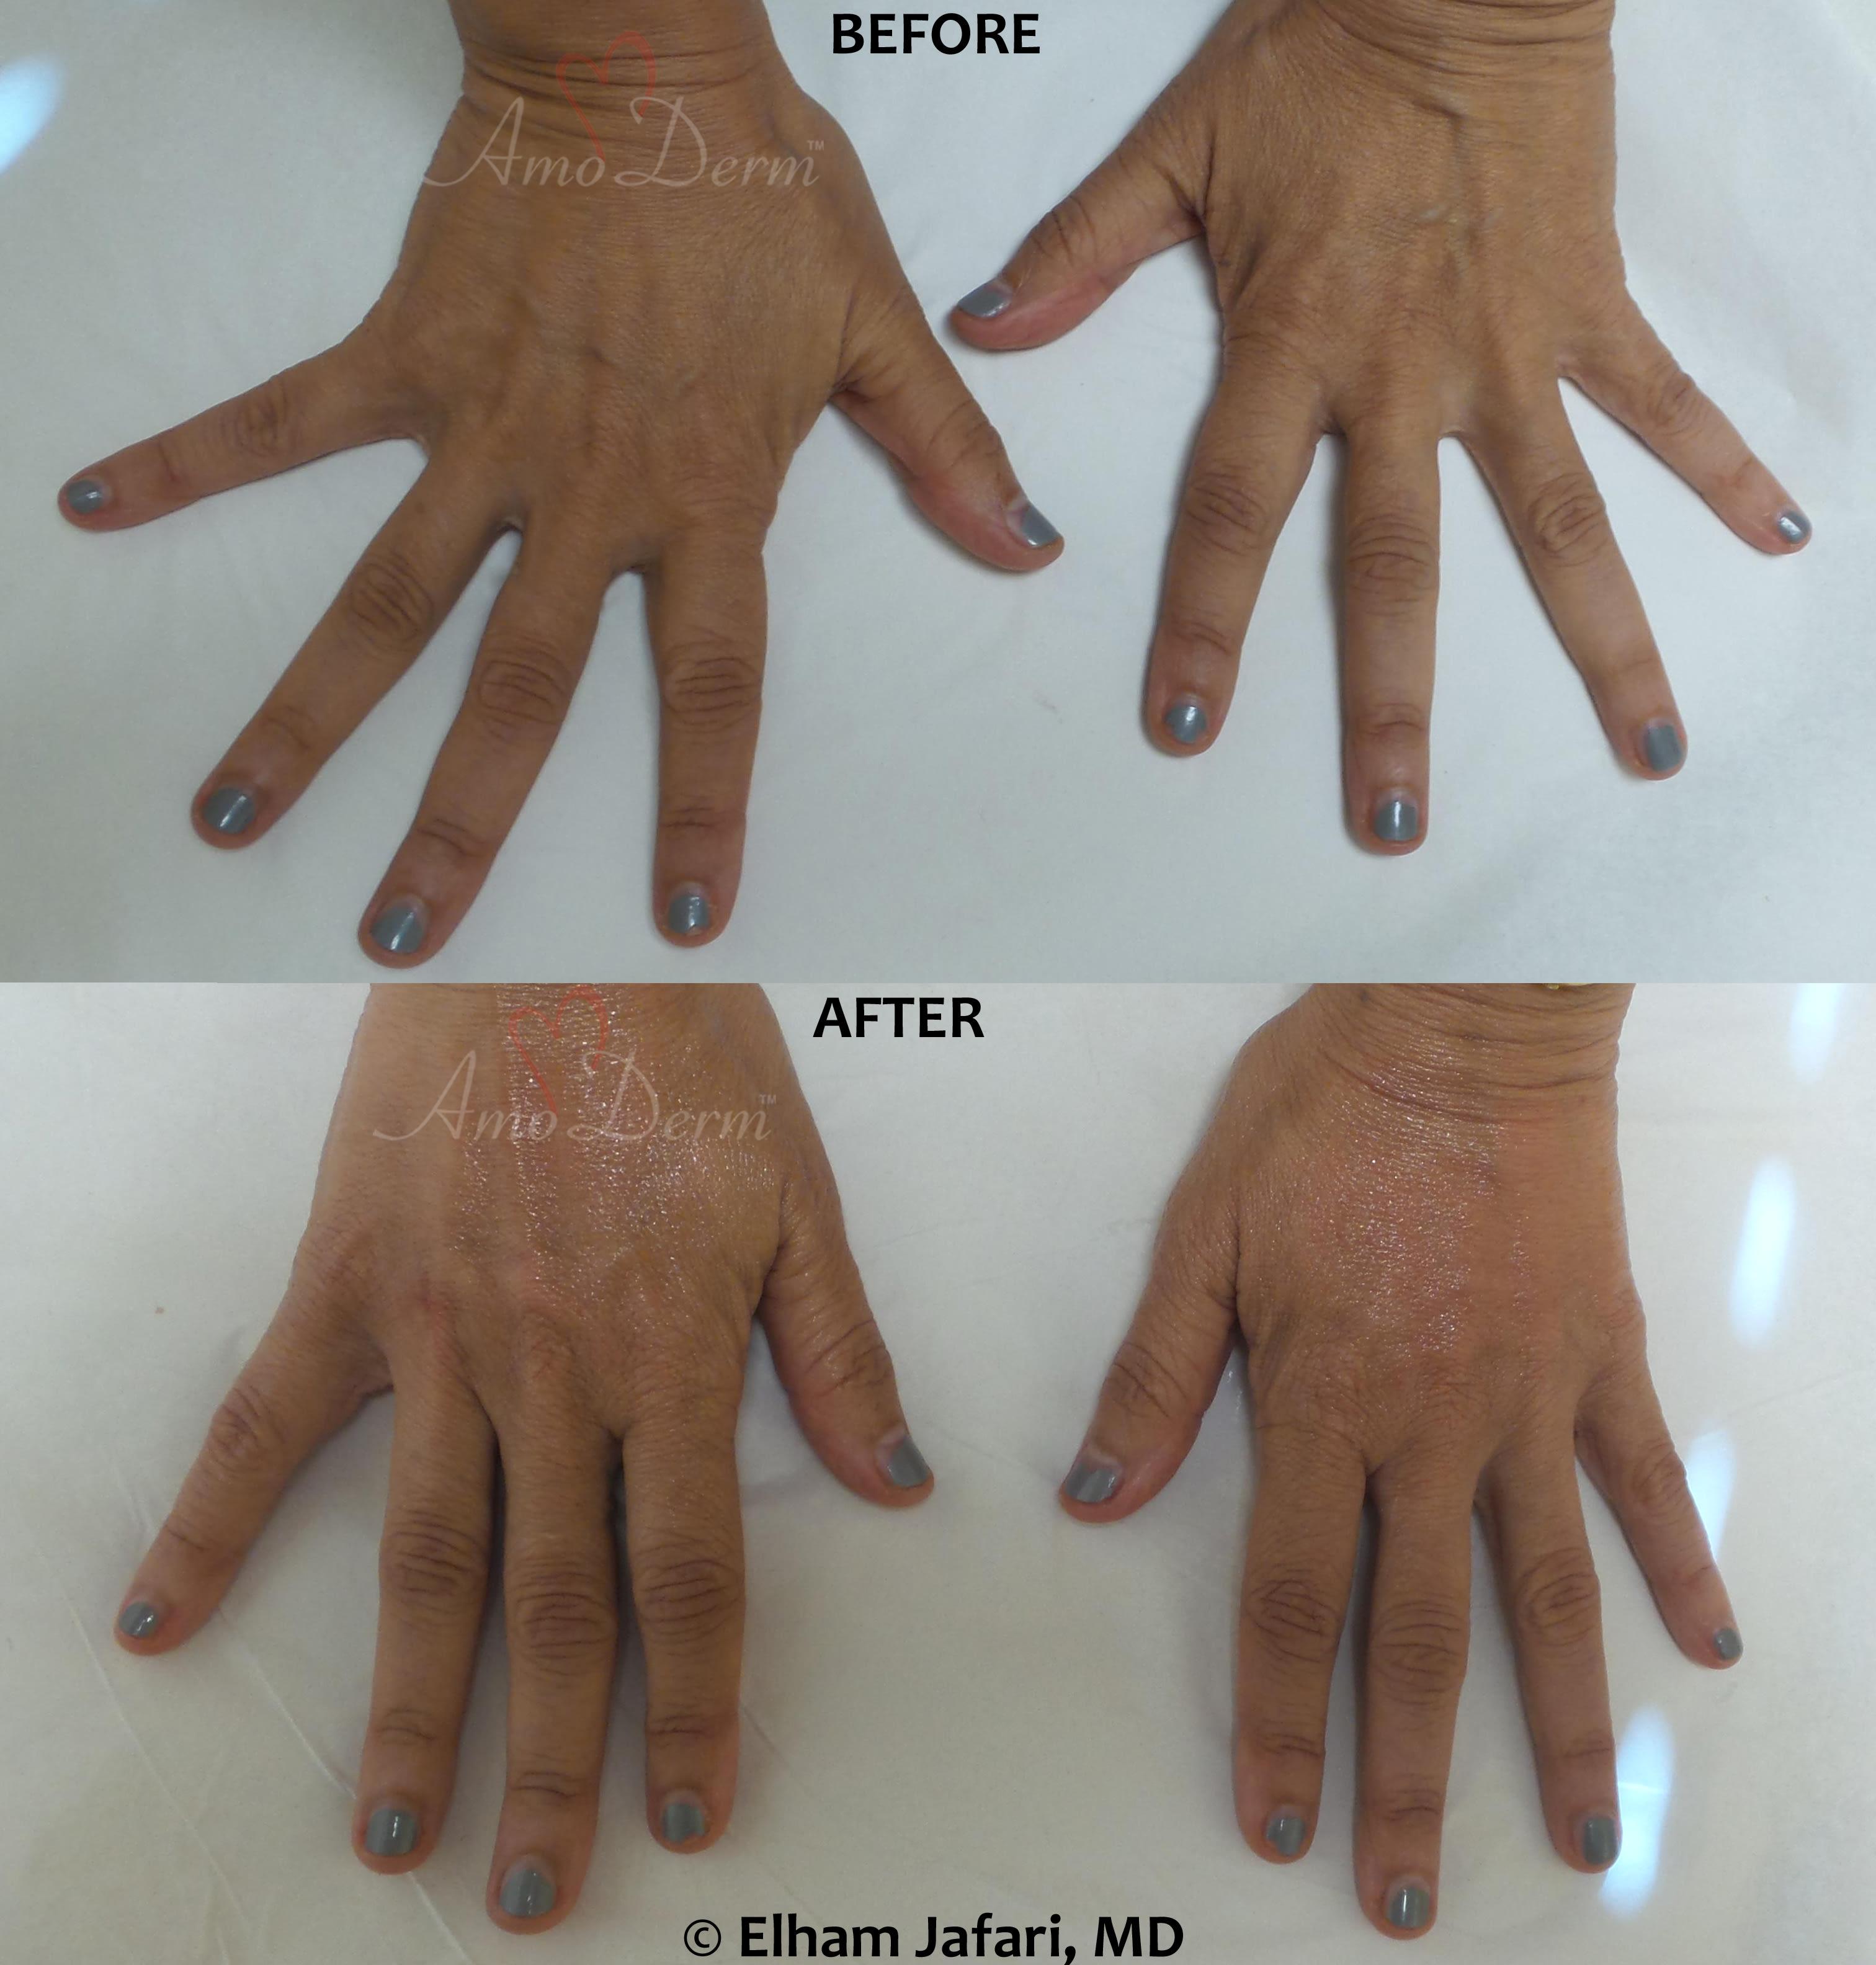 Hand rejuvenation with dermal filler injection